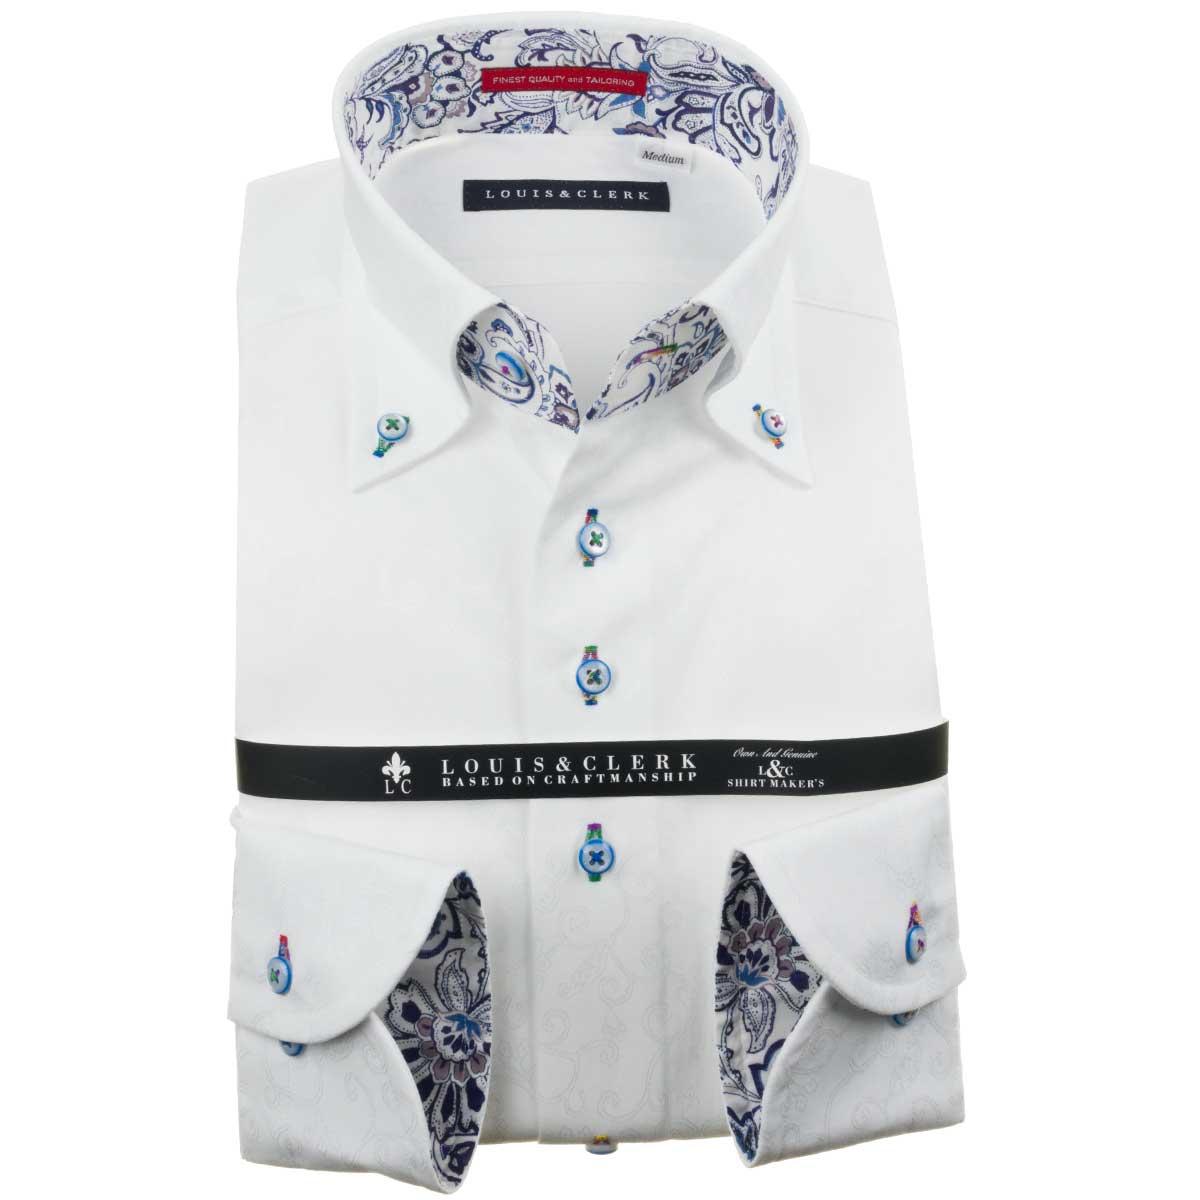 ドレスシャツ ワイシャツ シャツ メンズ 国産 長袖 綿100% コンフォート ボタンダウン 白 ホワイト ジャガード織柄 花葉蔦 1910 fs3gm